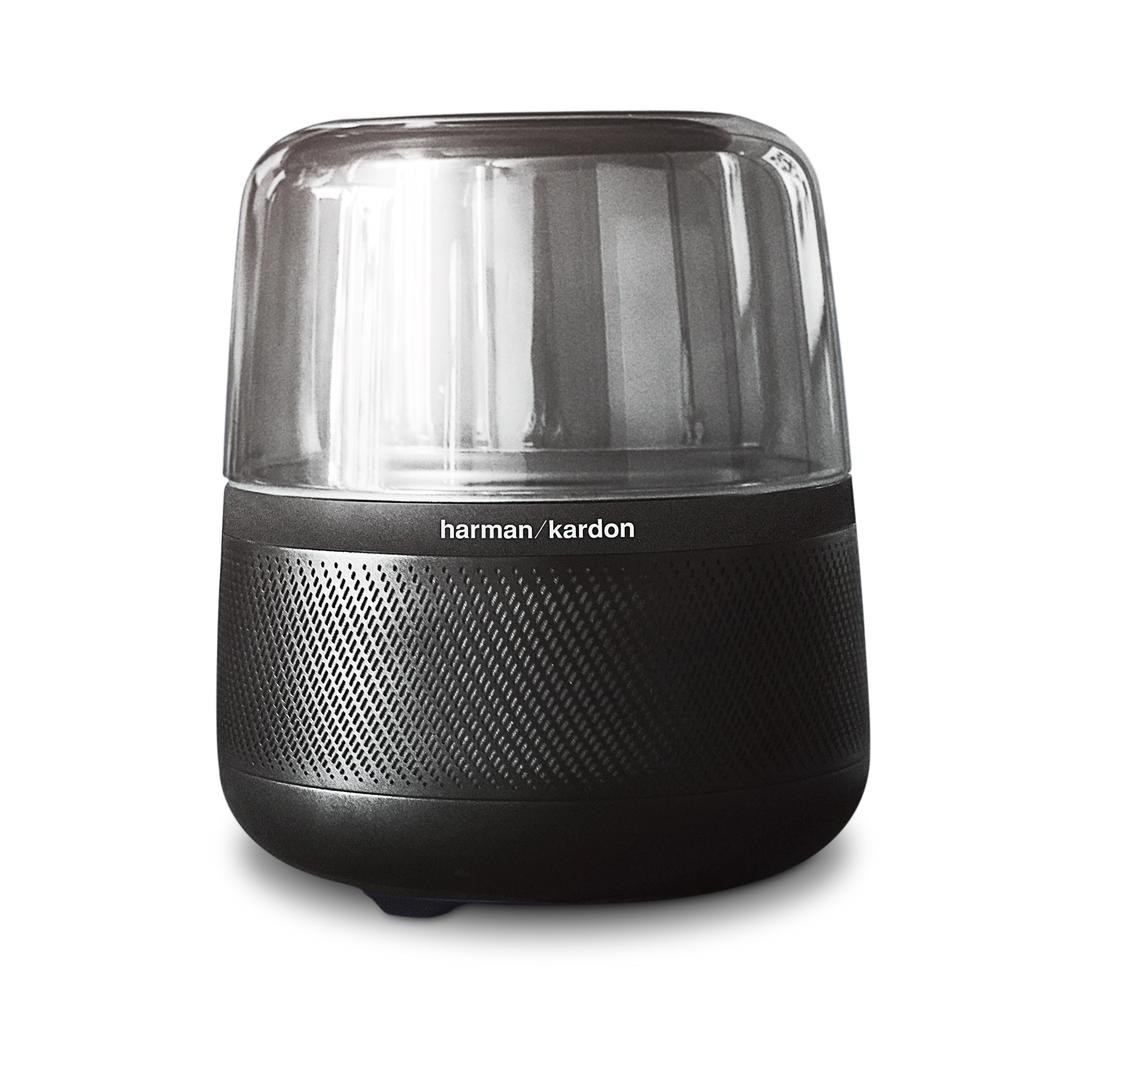 Alexa und Google Assistant: Der Wettkampf smarter Lautsprecher verändert sich - Allure (Bild: Harman Kardon)